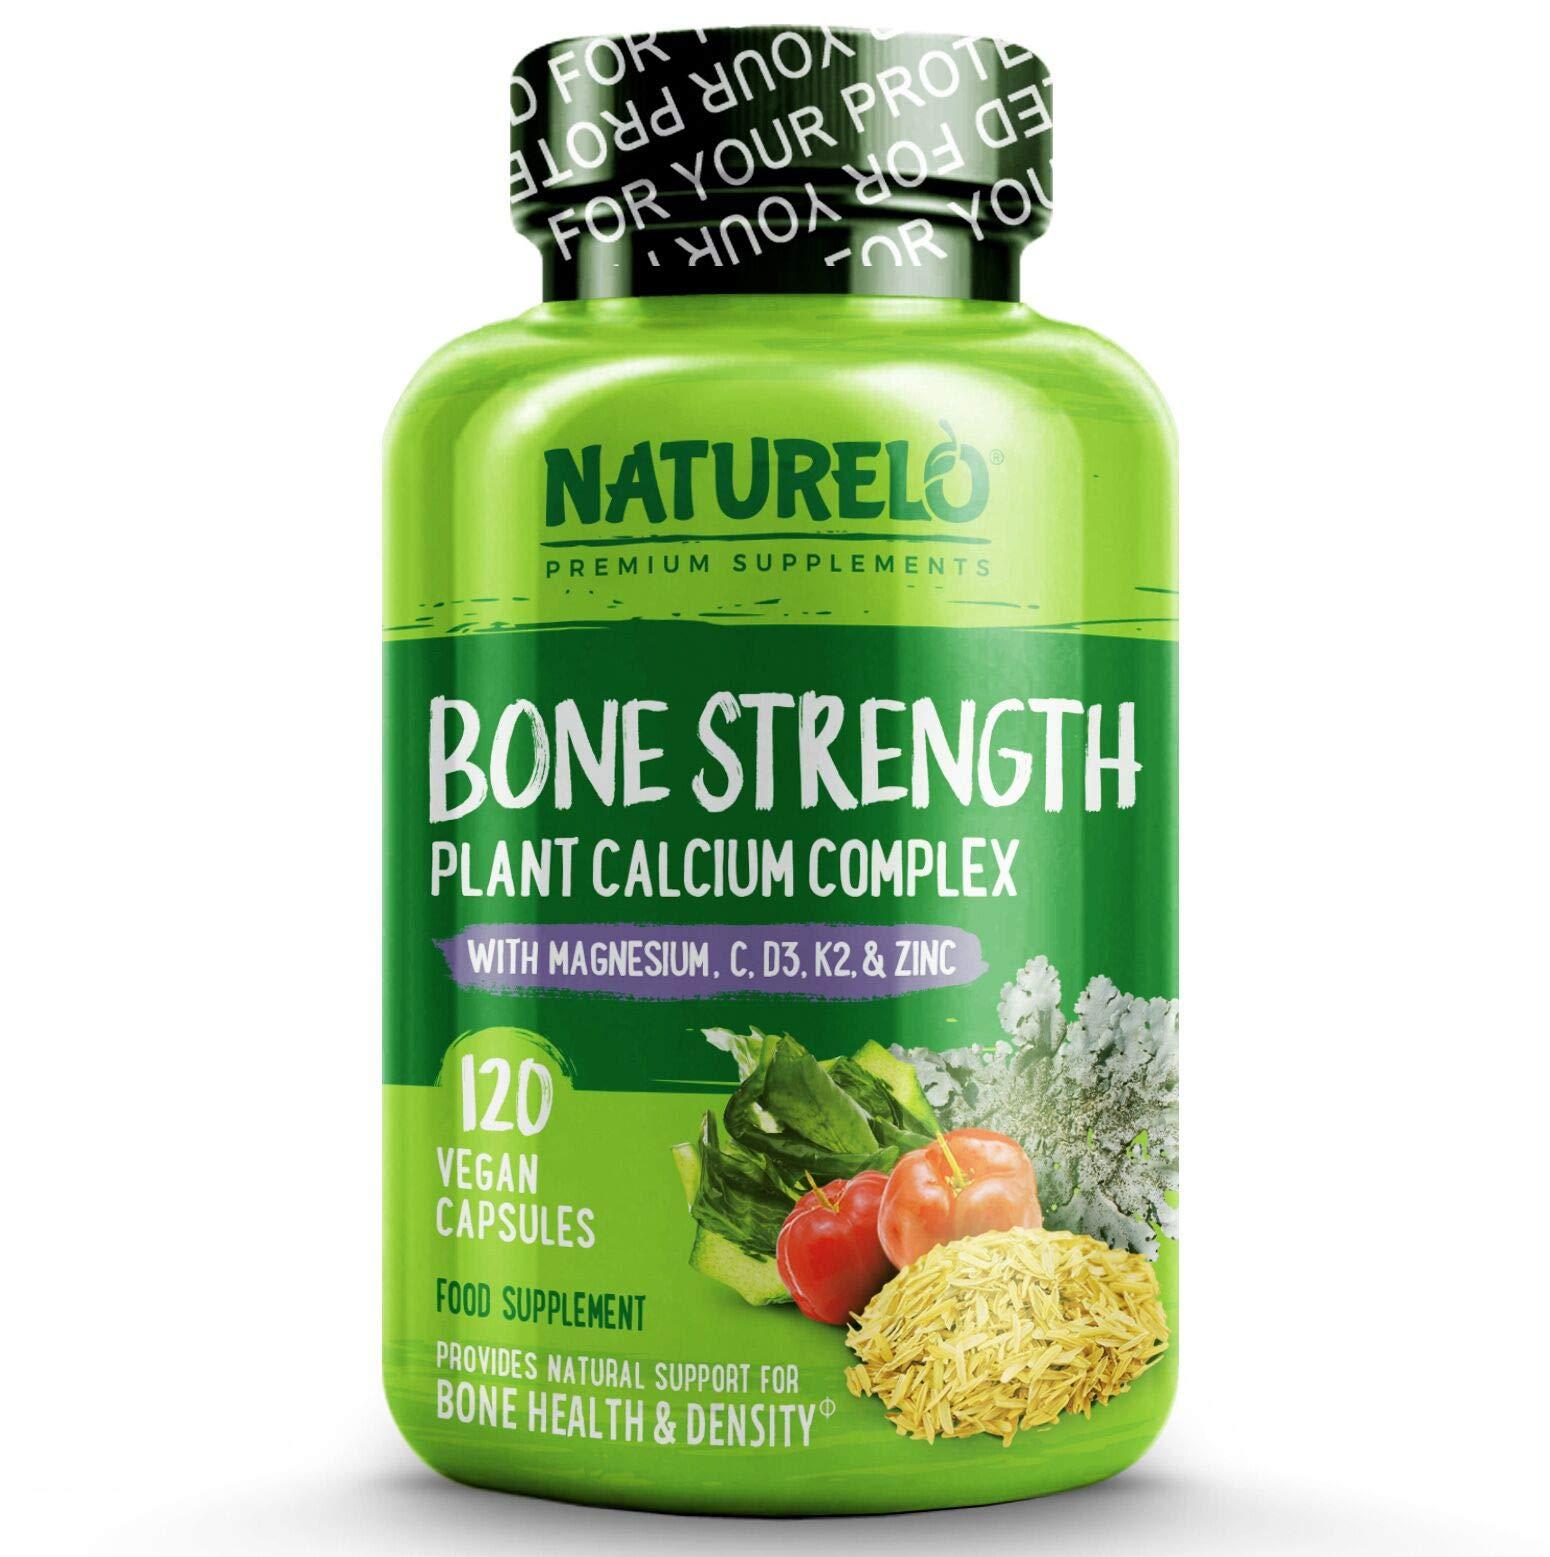 NATURELO Bone Strength - Plant Calcium, Magnesium, Potassium, Vitamin D3, VIT C, K2 - No GMOs, SOYA or Gluten - Complete Whole Food Supplement for Bone Health - 120 Vegan Capsules | 1 Month Supply